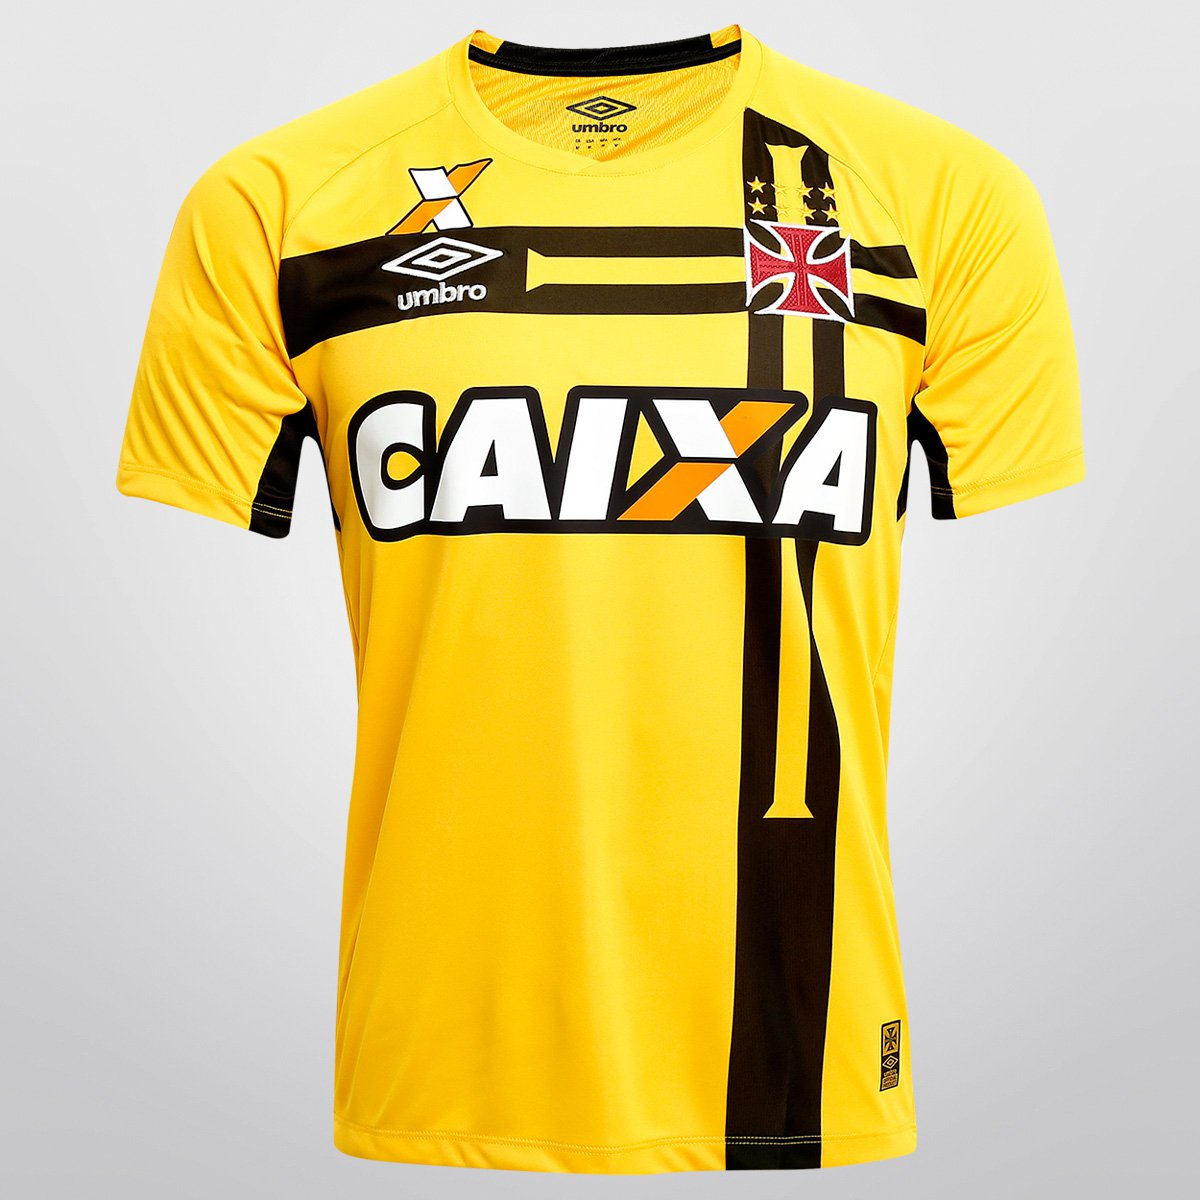 Camisa Umbro Vasco Goleiro 2015 - Compre Agora  1a4e7f2280f9b